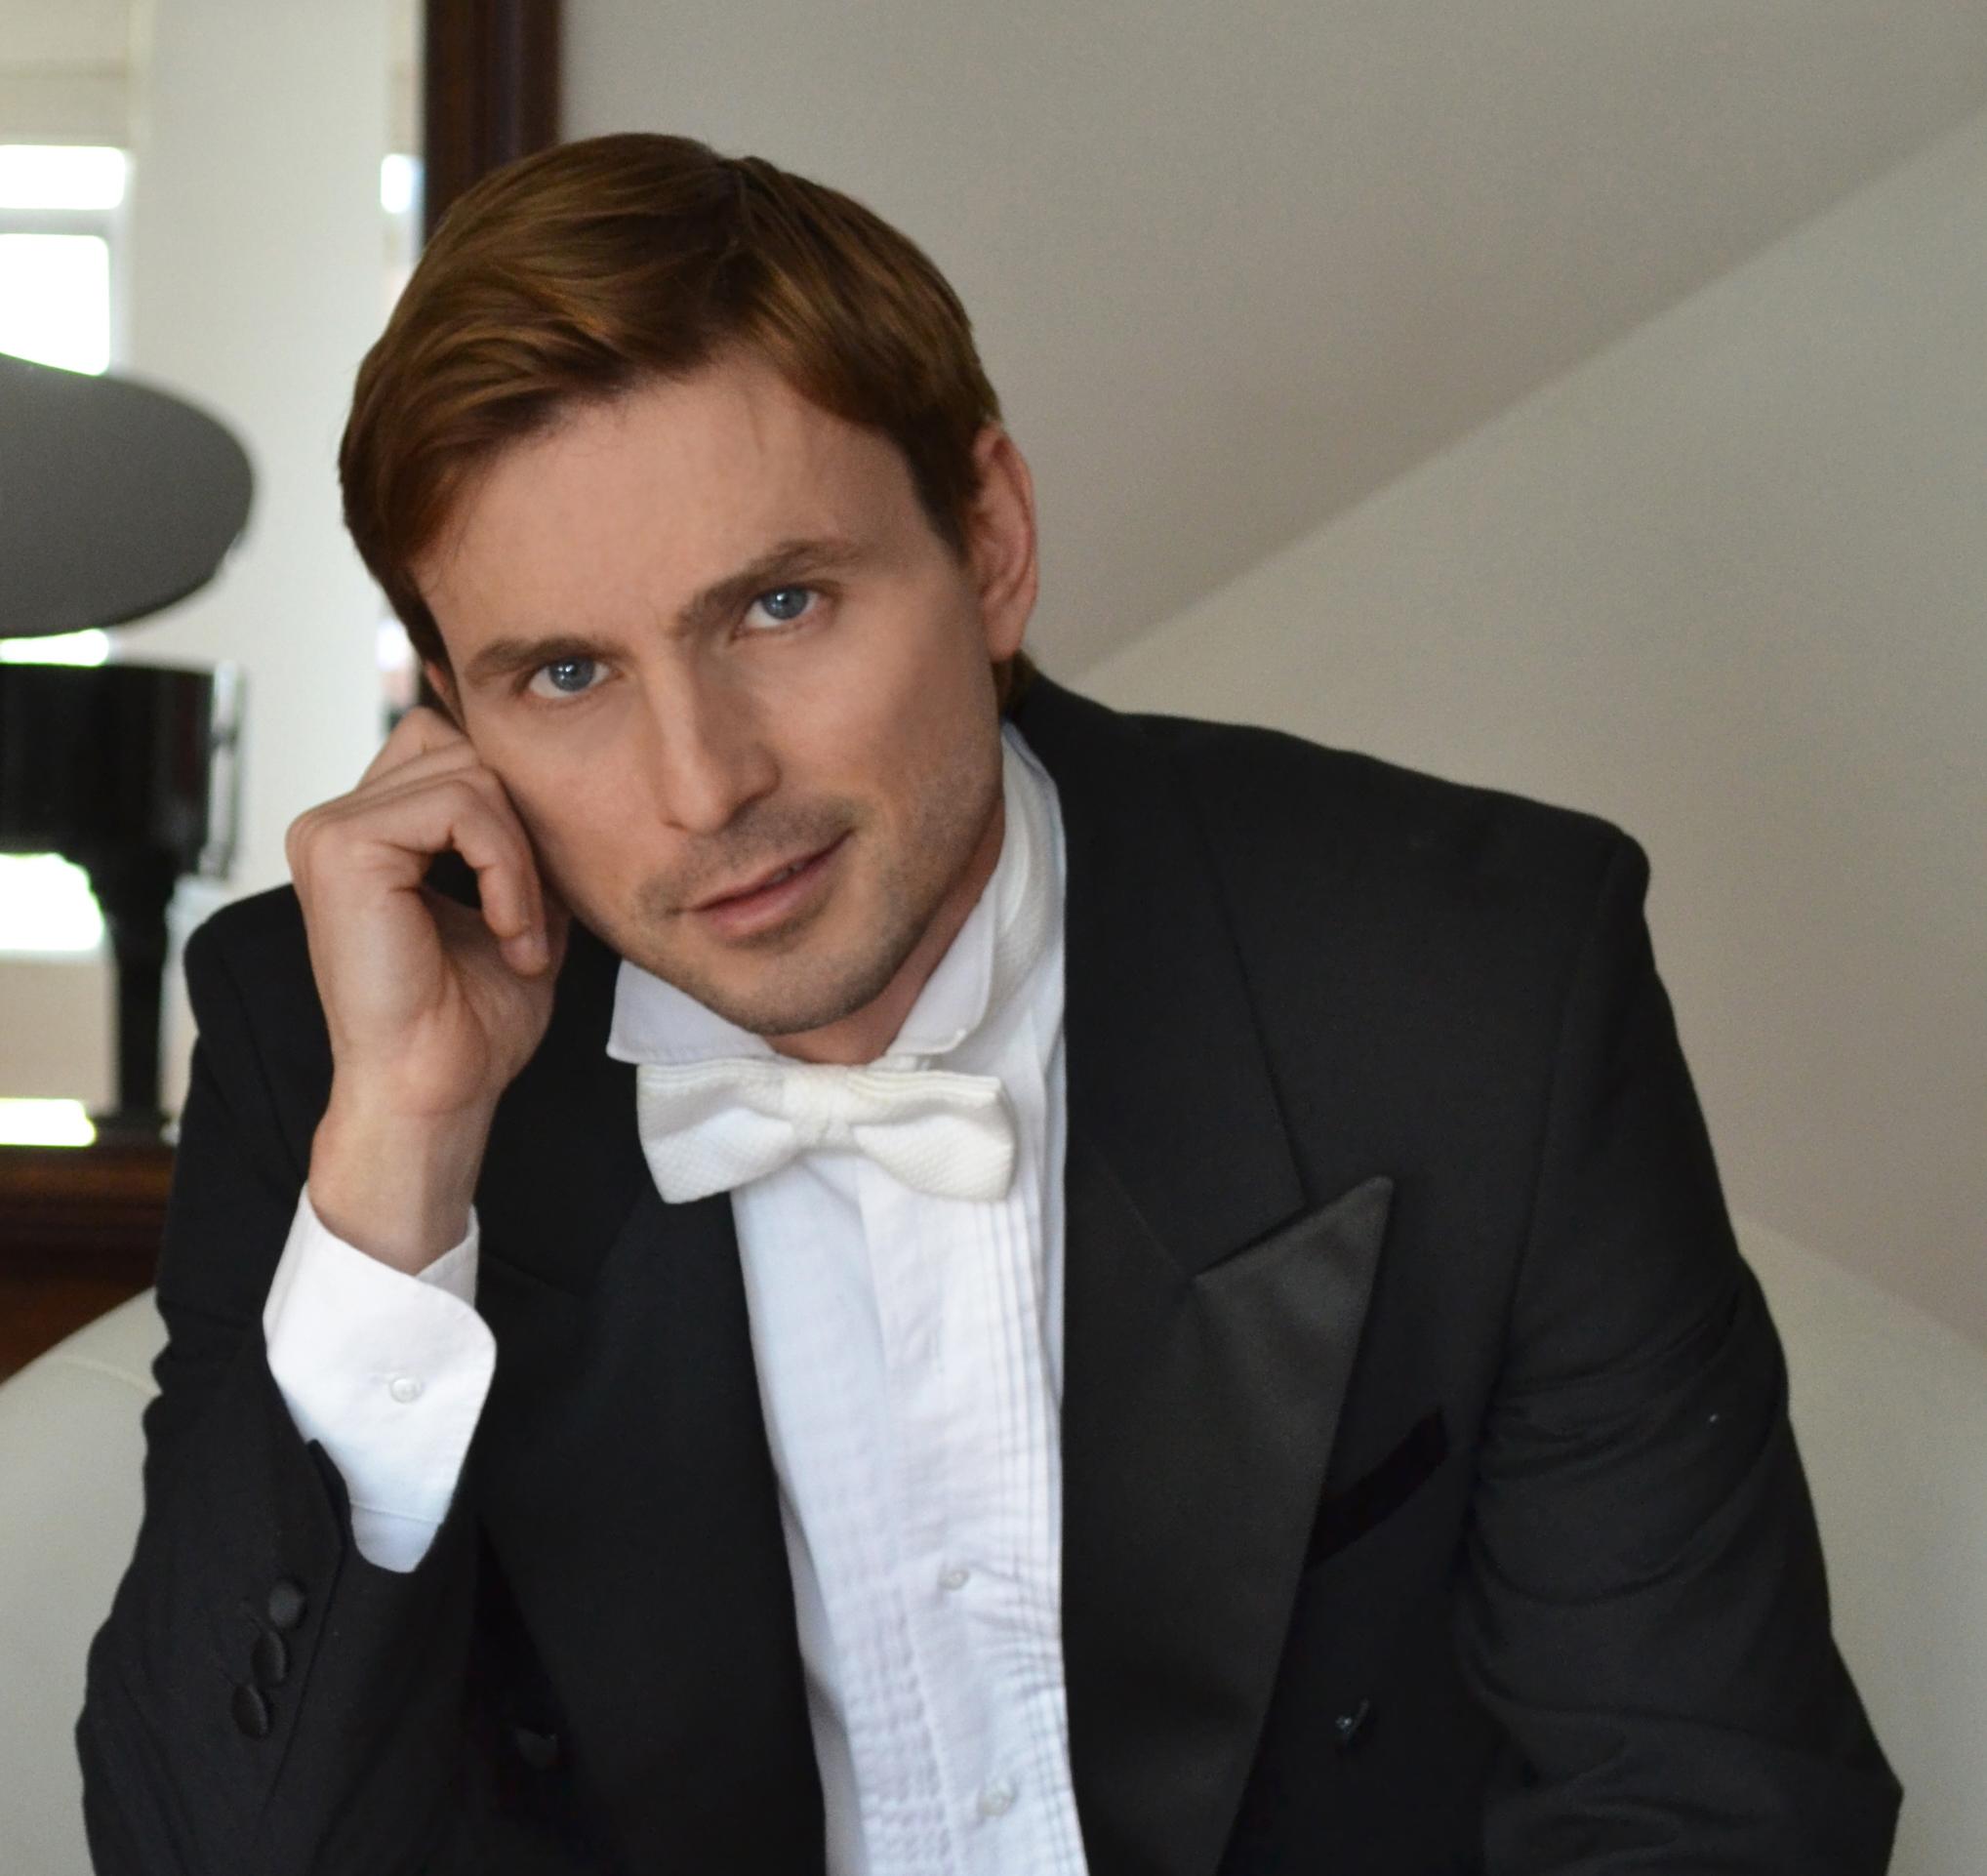 Sergei Sichkov, Tan Grande y Jugando, Orquesta sinfónica,